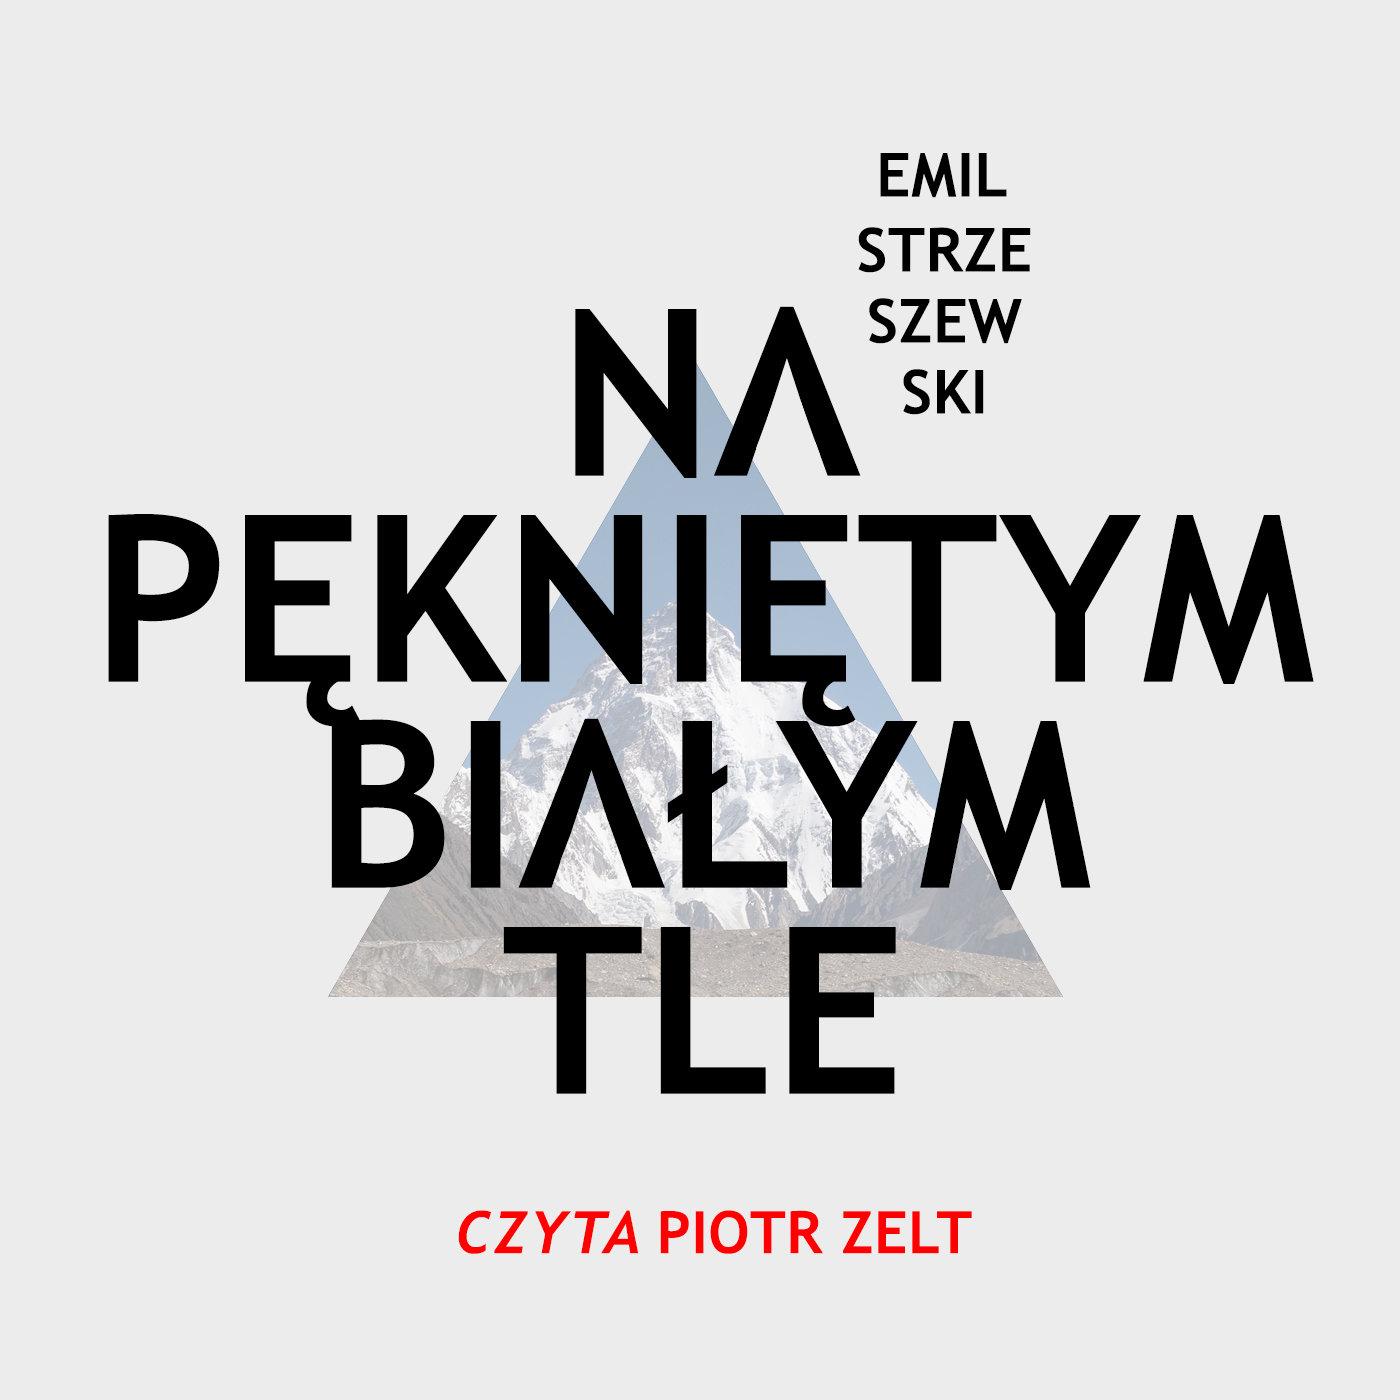 K2 przyciąga Polaków jak magnes. W Storytel premiera thrillera Emila Strzeszewskiego